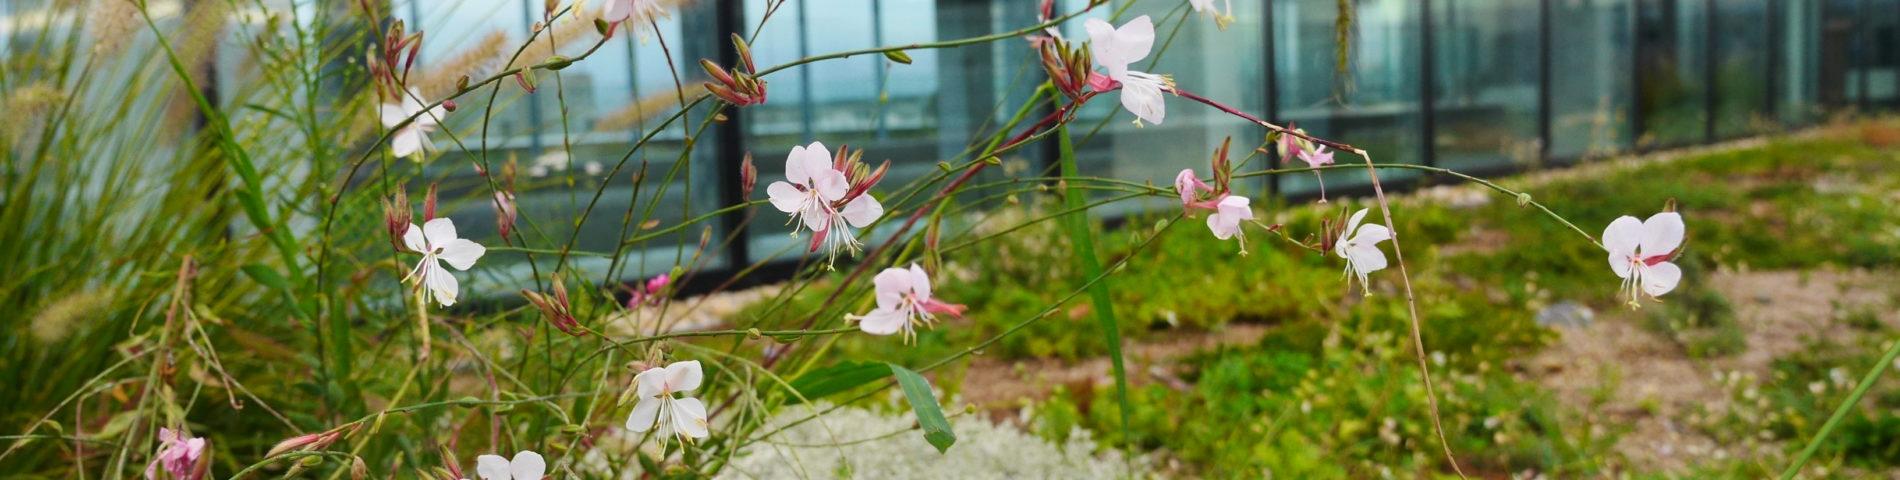 Blüten im Vordergrund vor einem Biodiversitätsdach